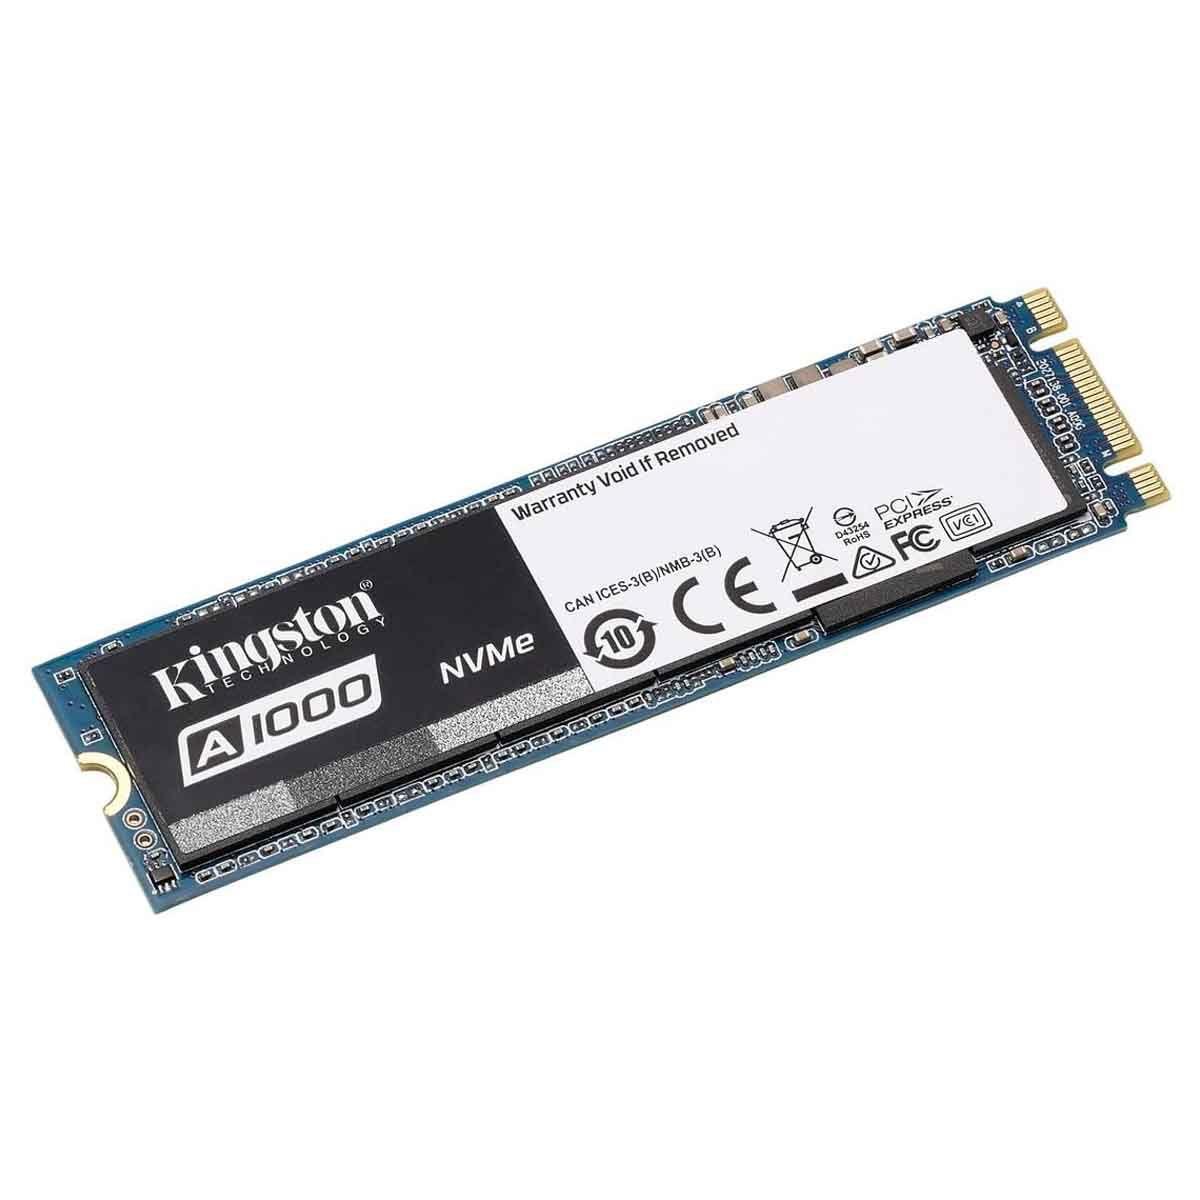 కింగ్స్టన్ A1000 SSD